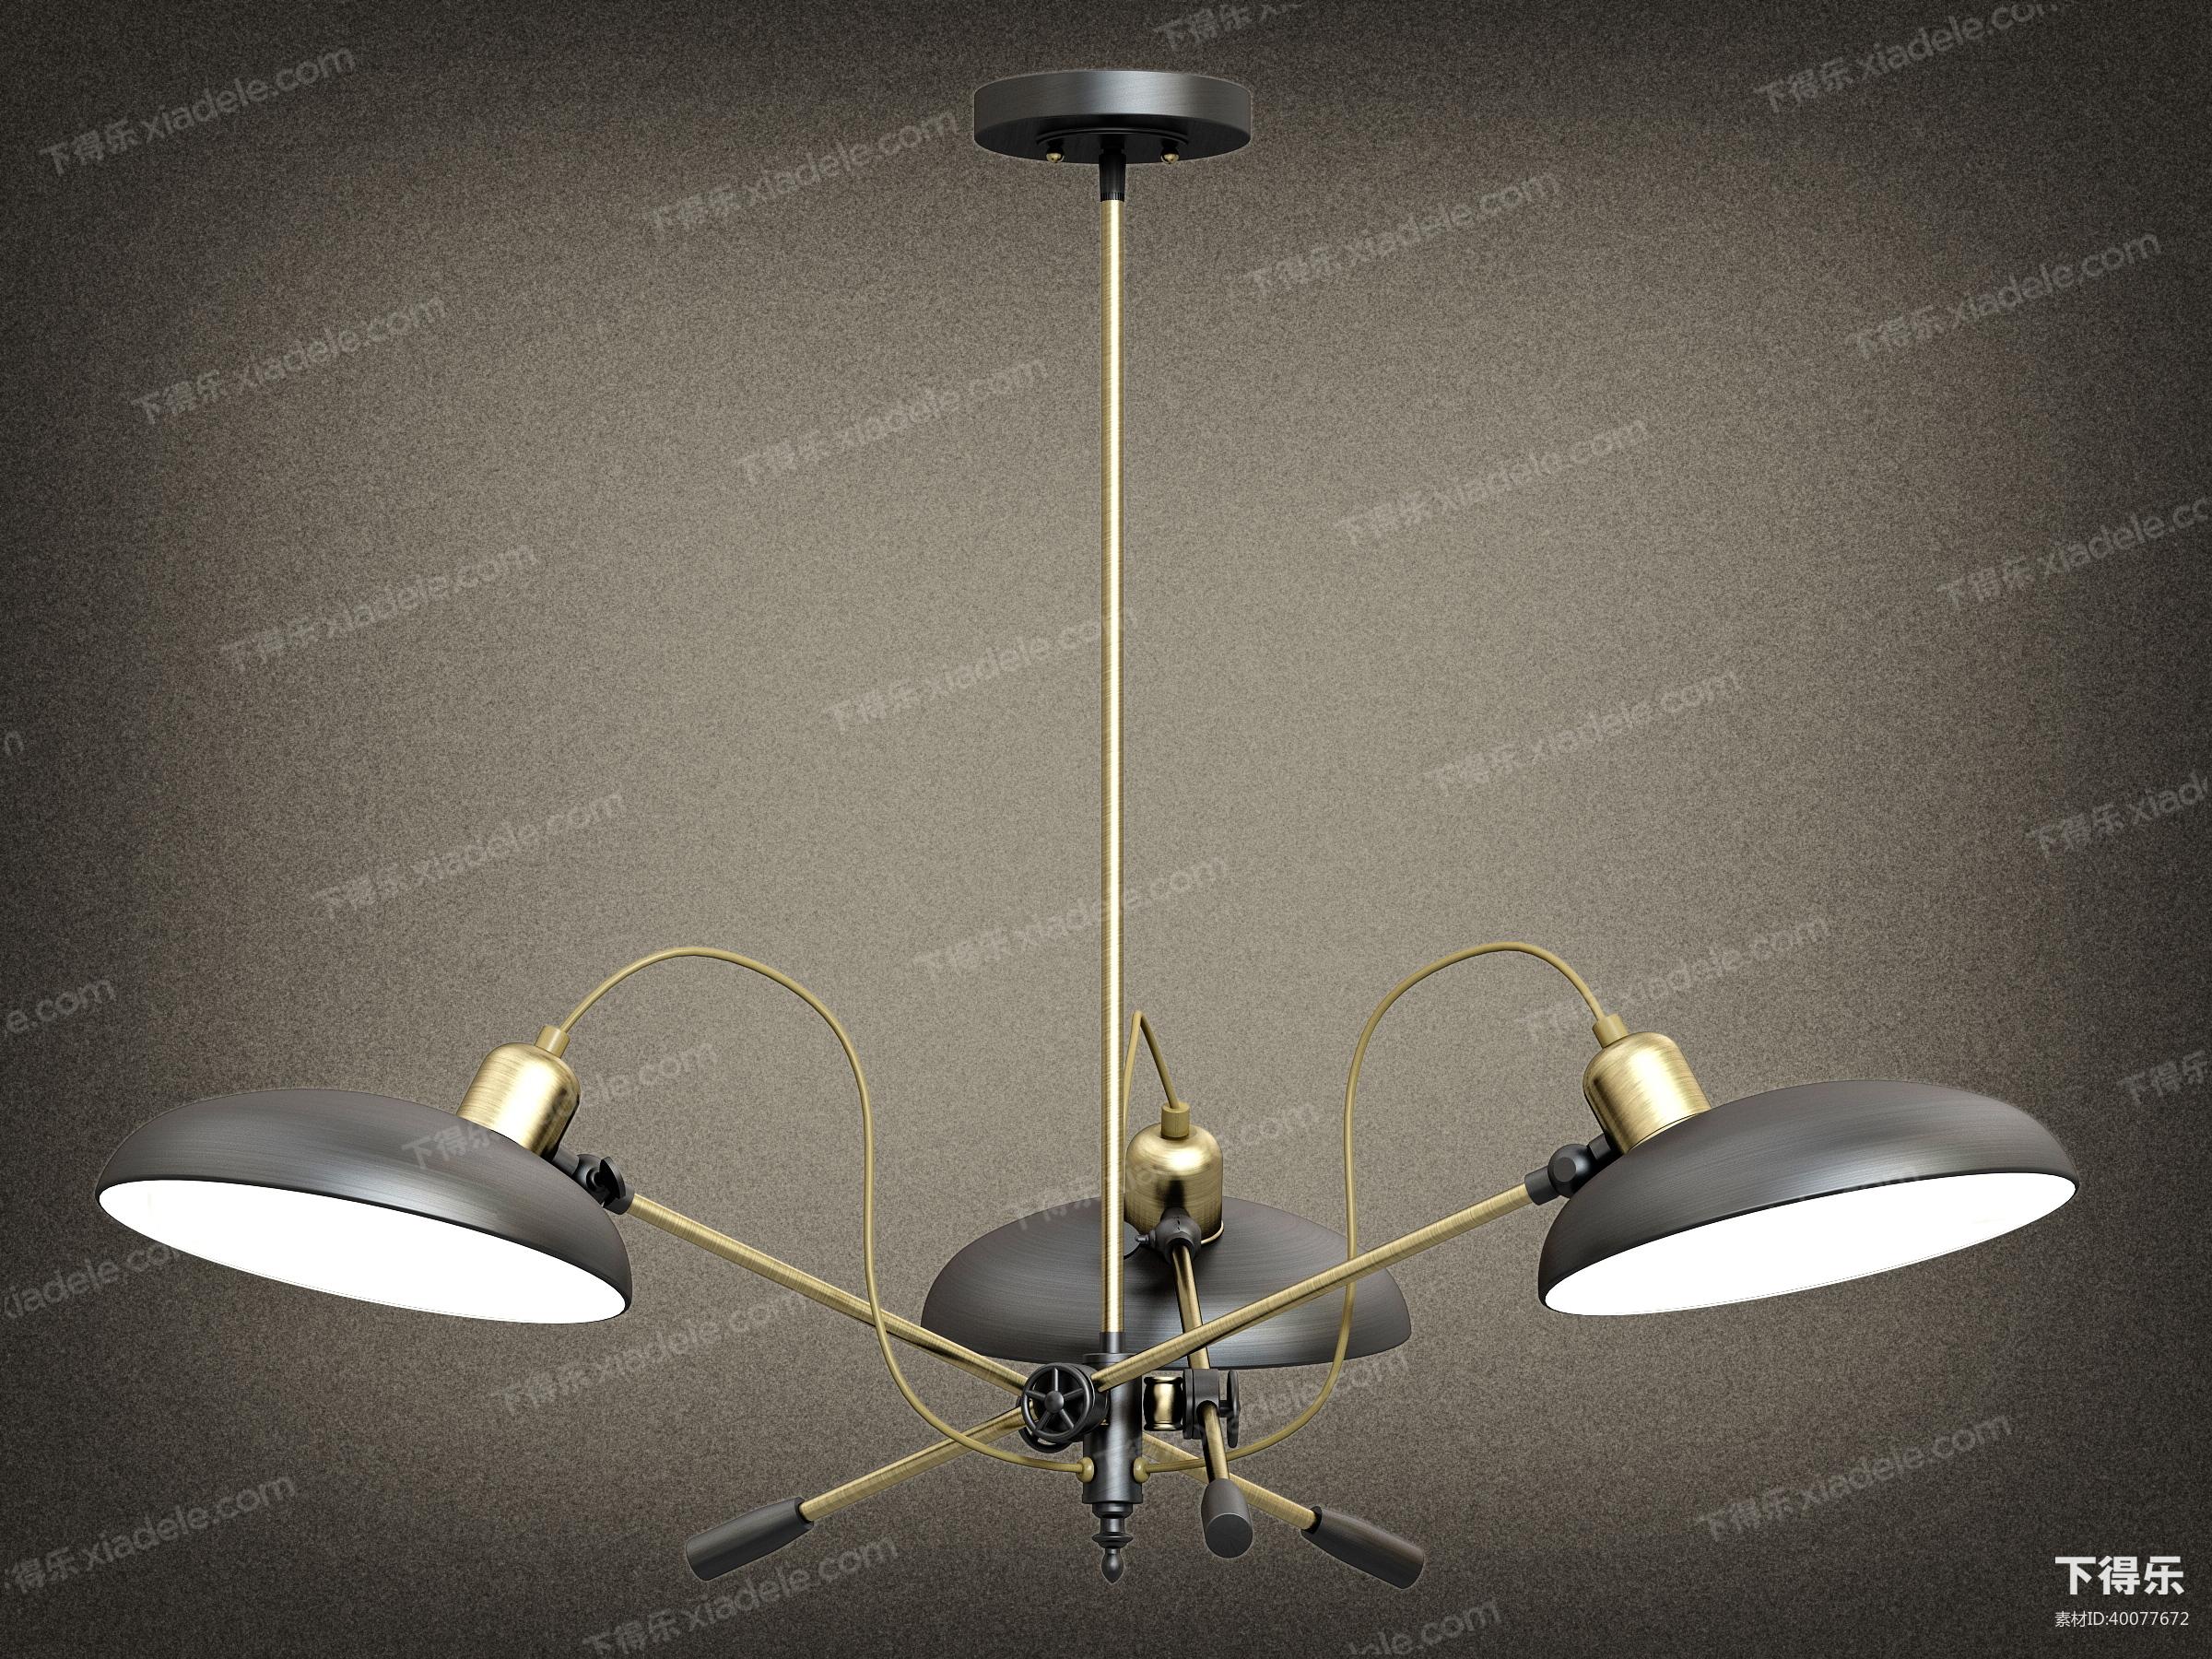 作品点评 技能练习 户型优化 创意设计  落地灯led墙灯壁灯餐吊灯美式